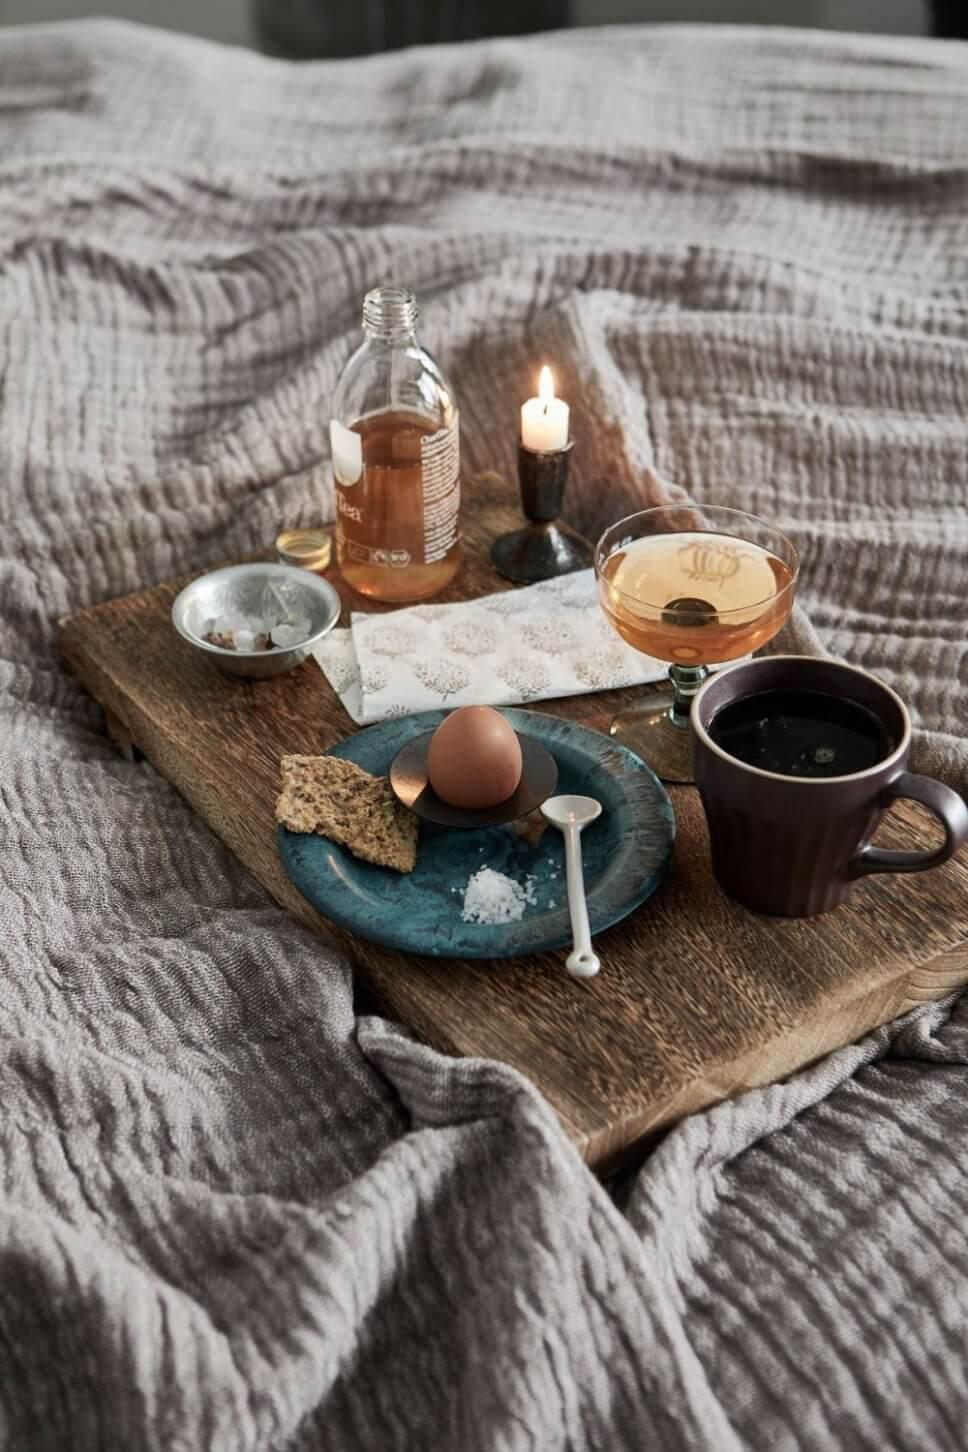 Holzbrett mit Teller und Frühstücksei sowie Kaffeebecher auf Bettdecke